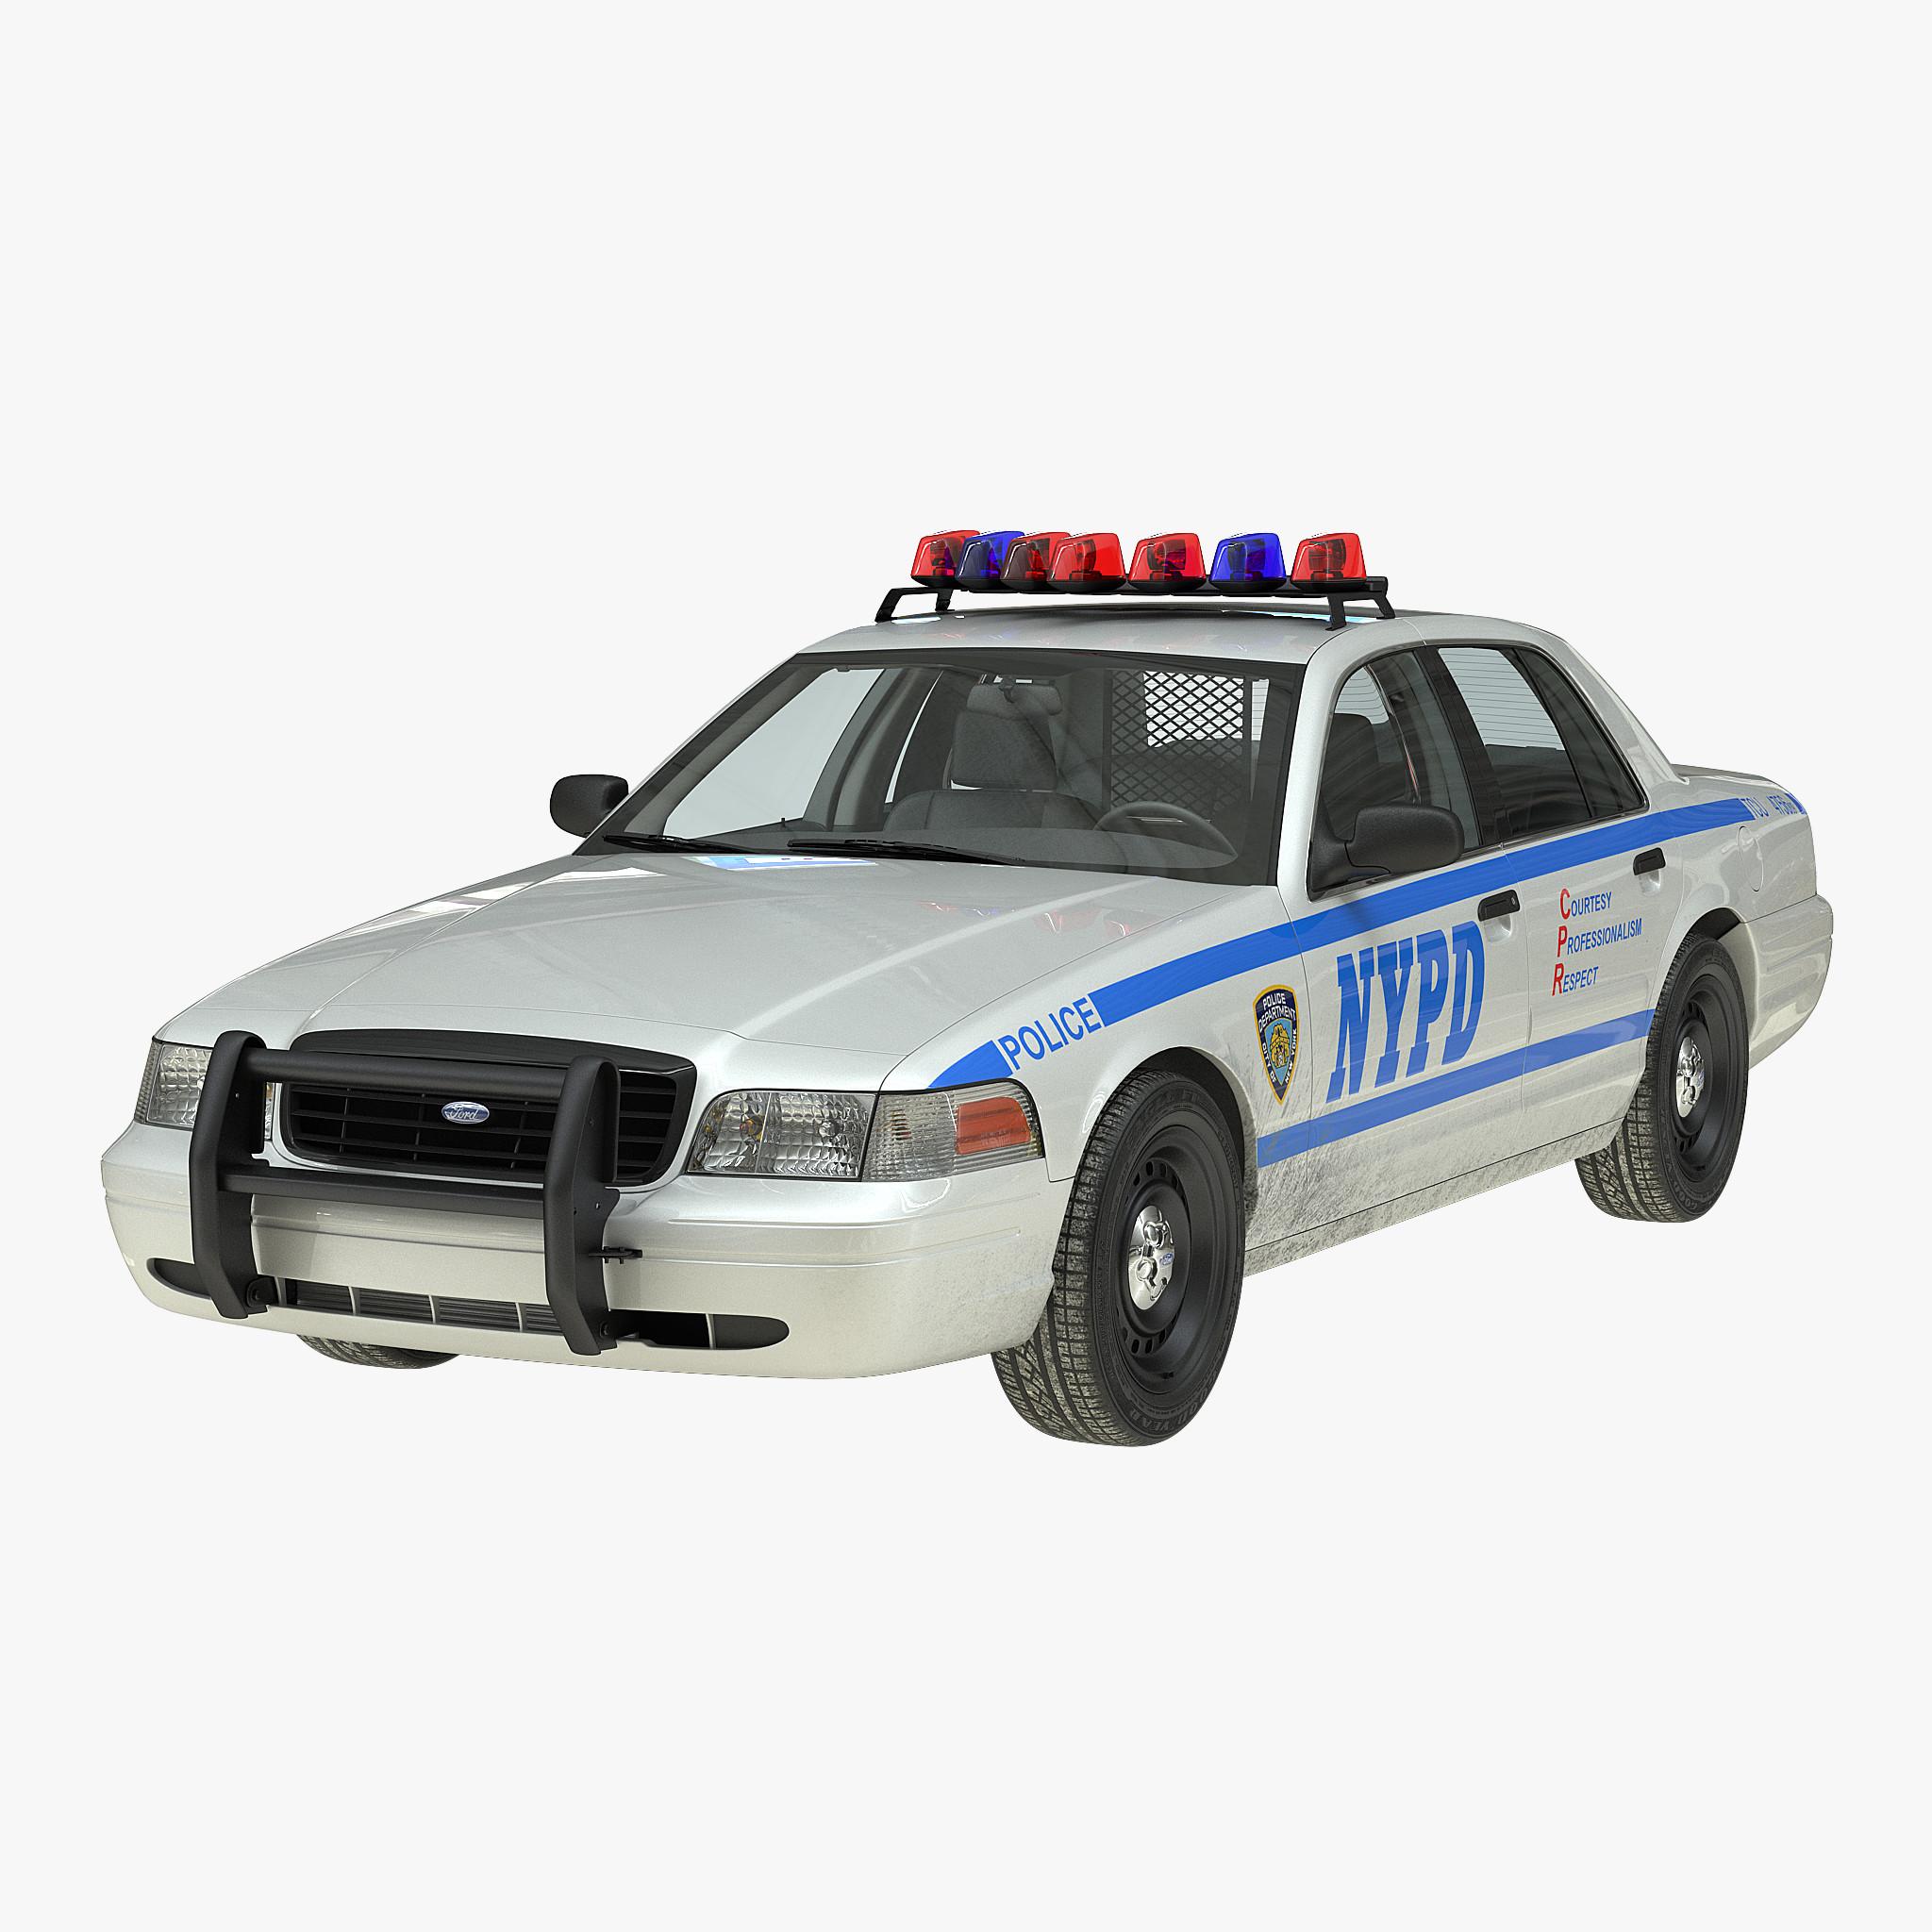 crown victoria police car 3d model. Black Bedroom Furniture Sets. Home Design Ideas